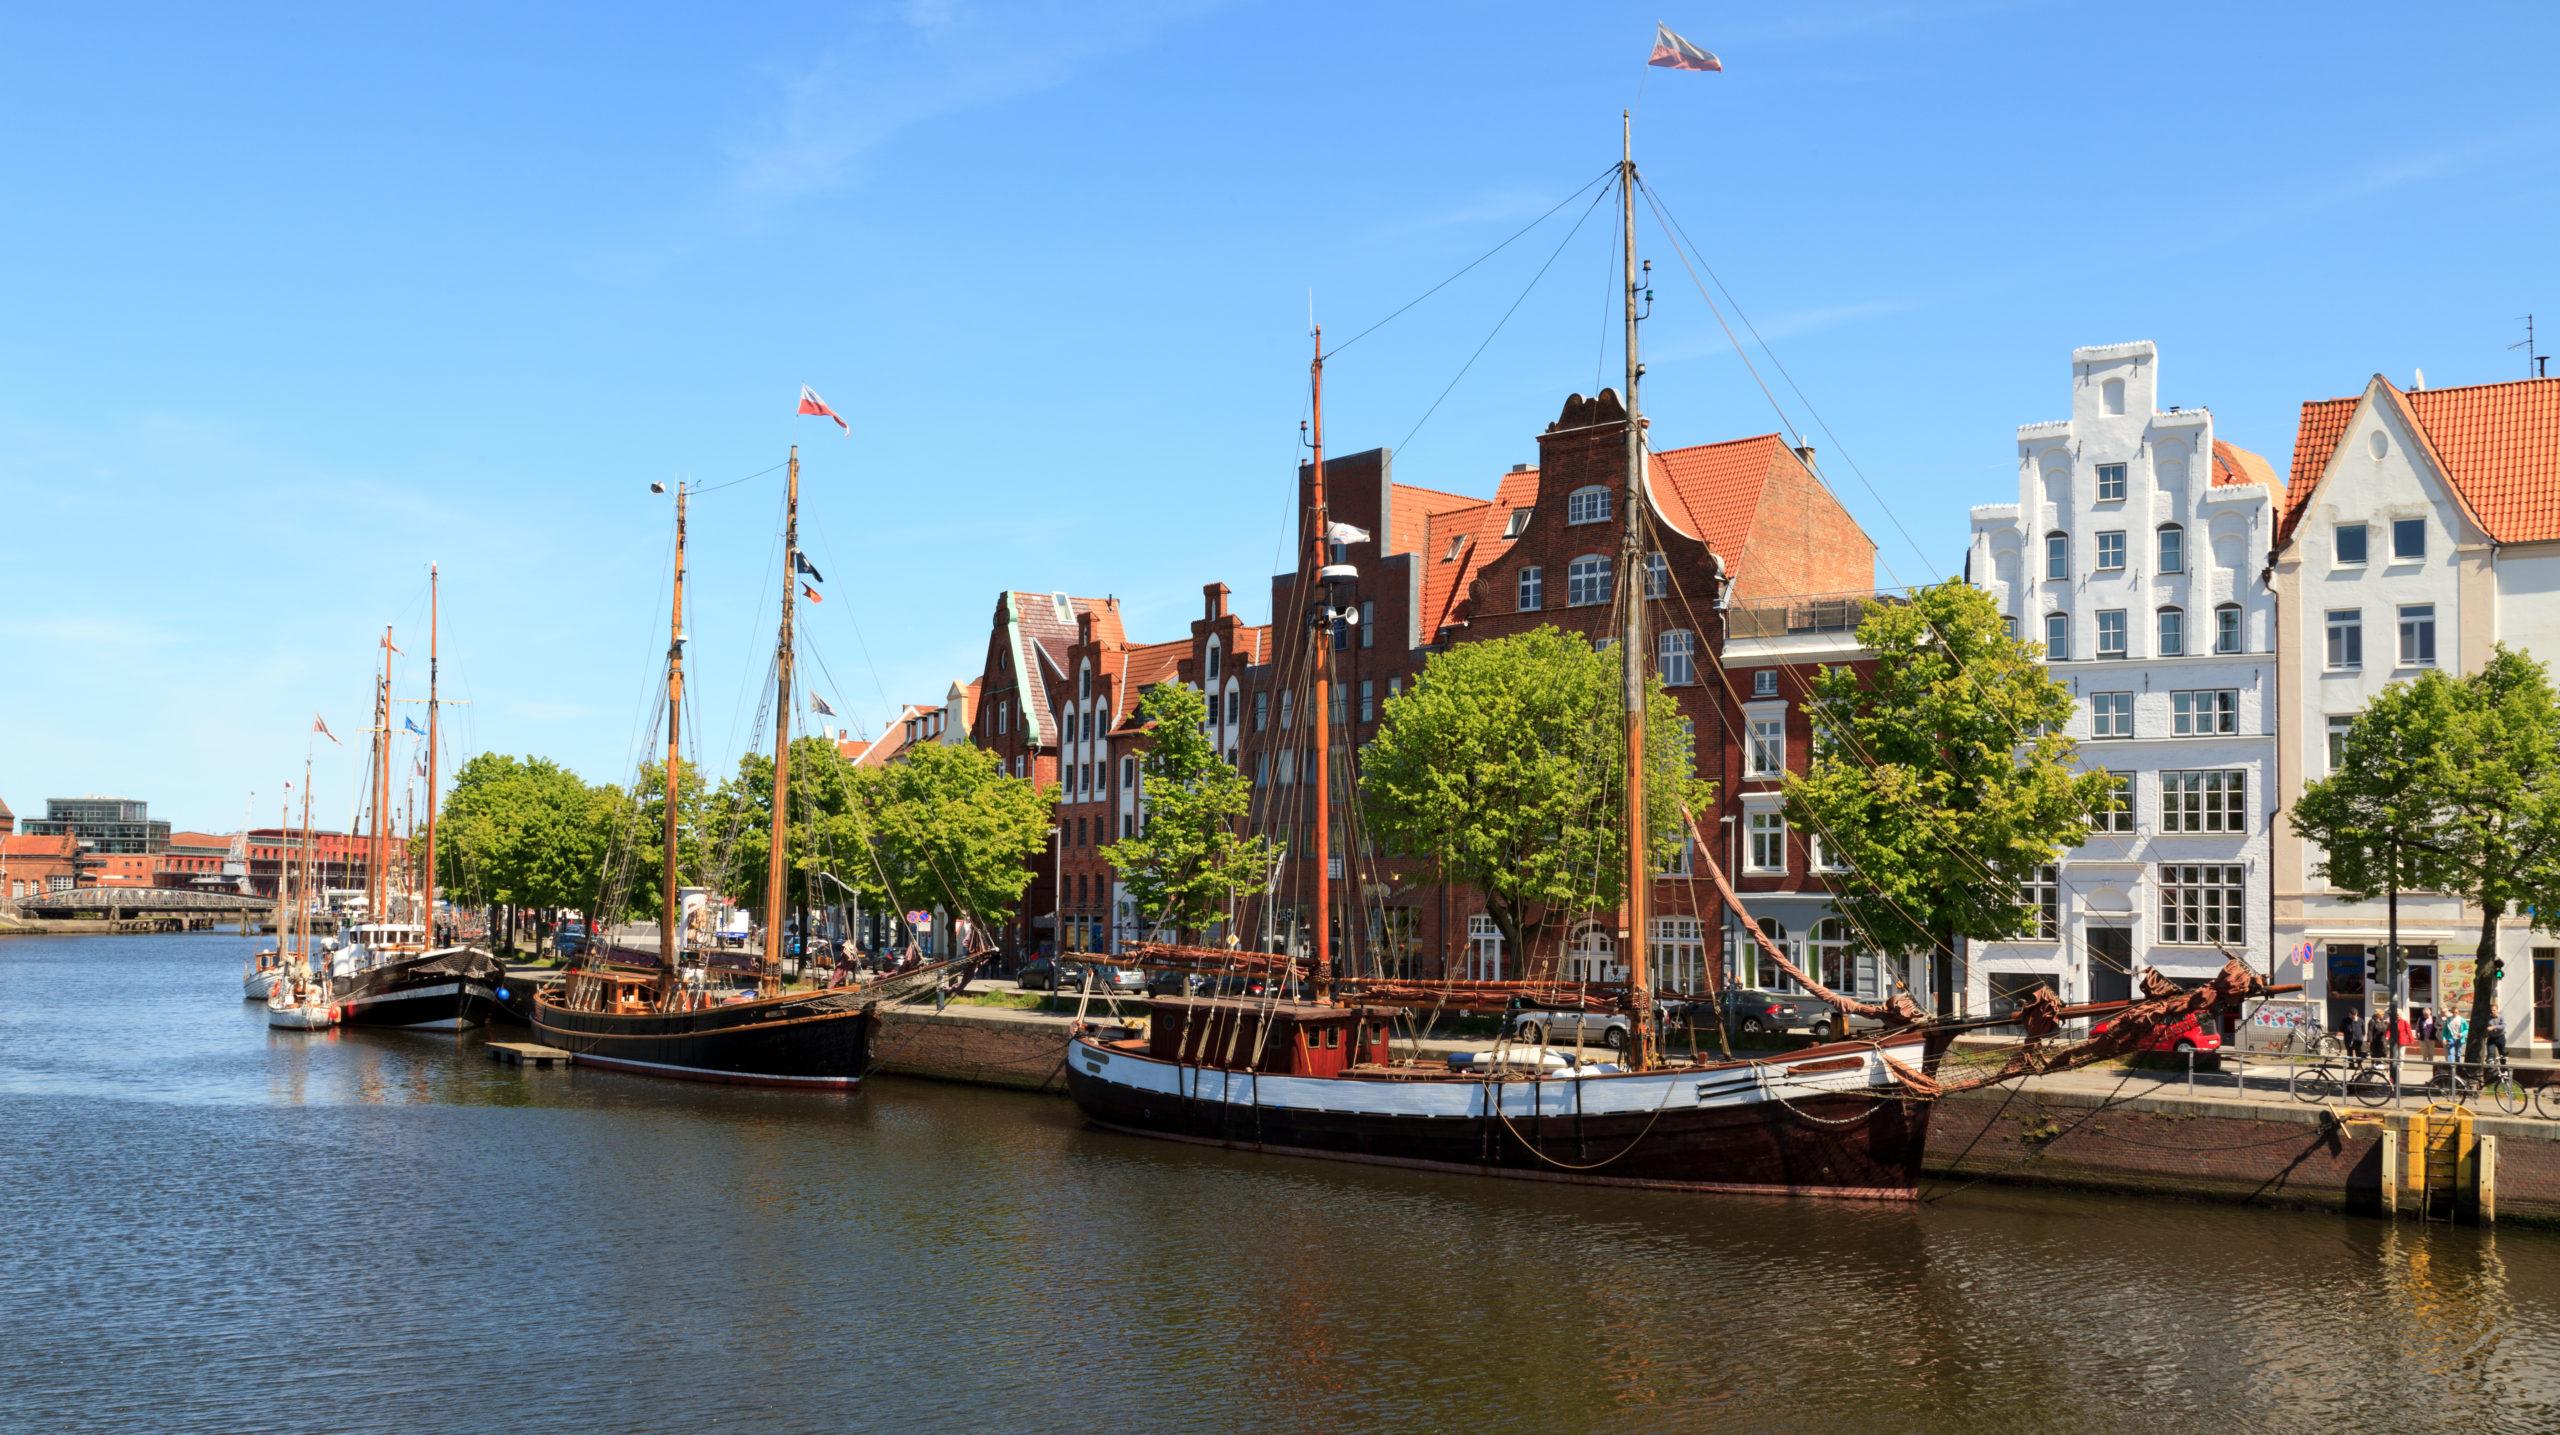 Sommerurlaub Norddeutschland: Blick auf den Museumshafen Lübeck